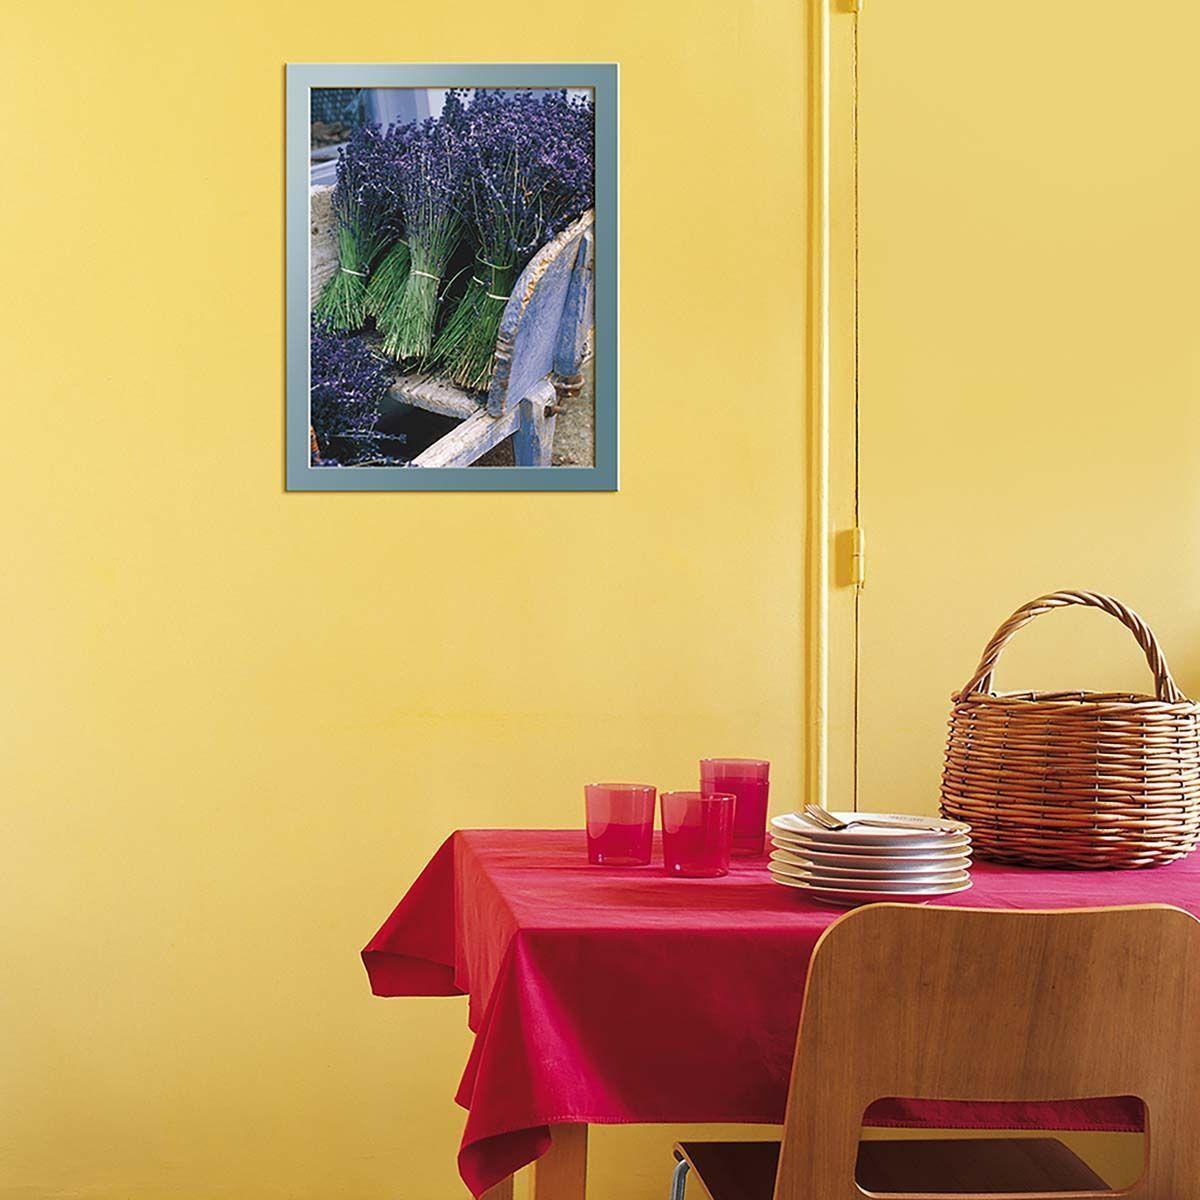 Affiche-Recolte-de-lavande-40x50-cm miniature 2